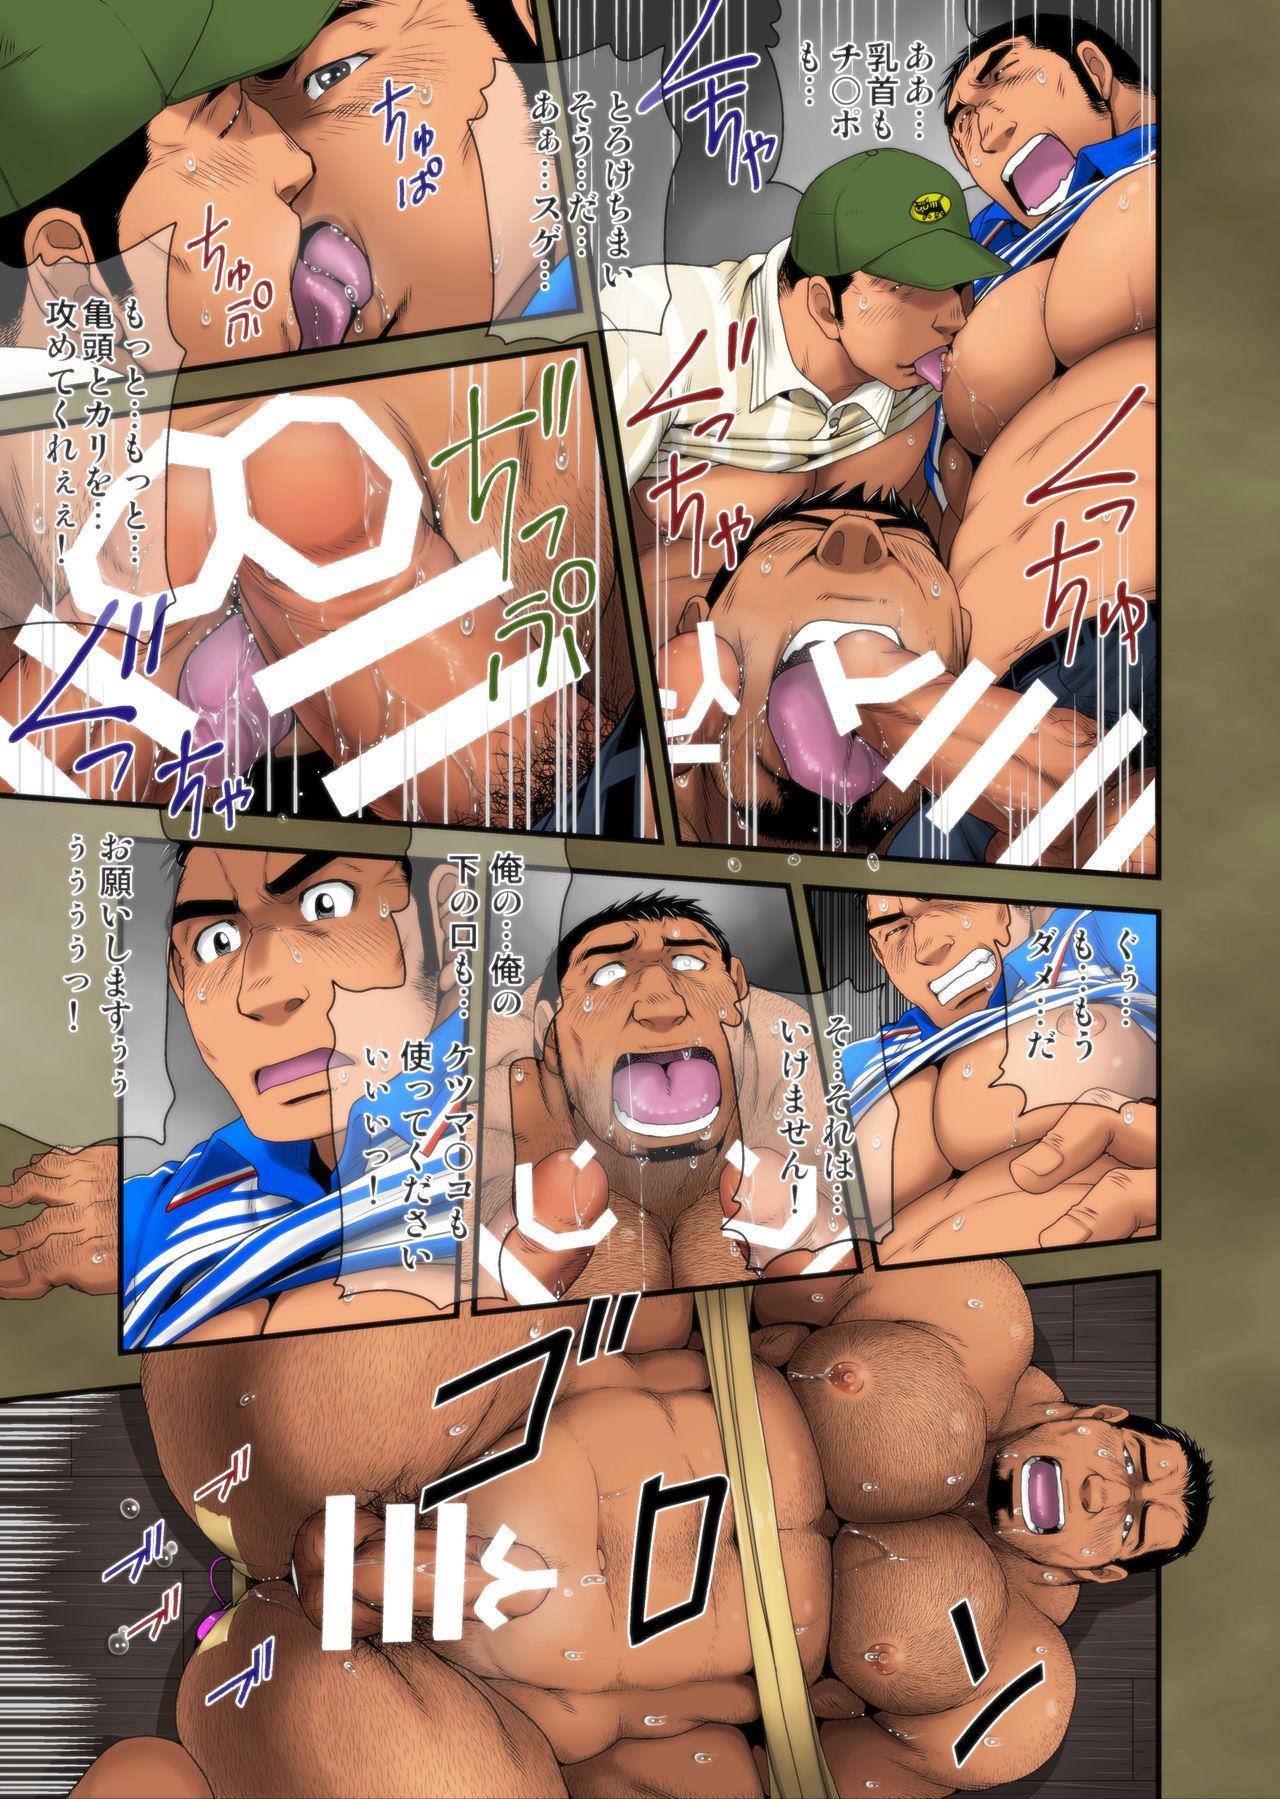 Seifuku to Hentai - Taguchi Driver no Baai 14